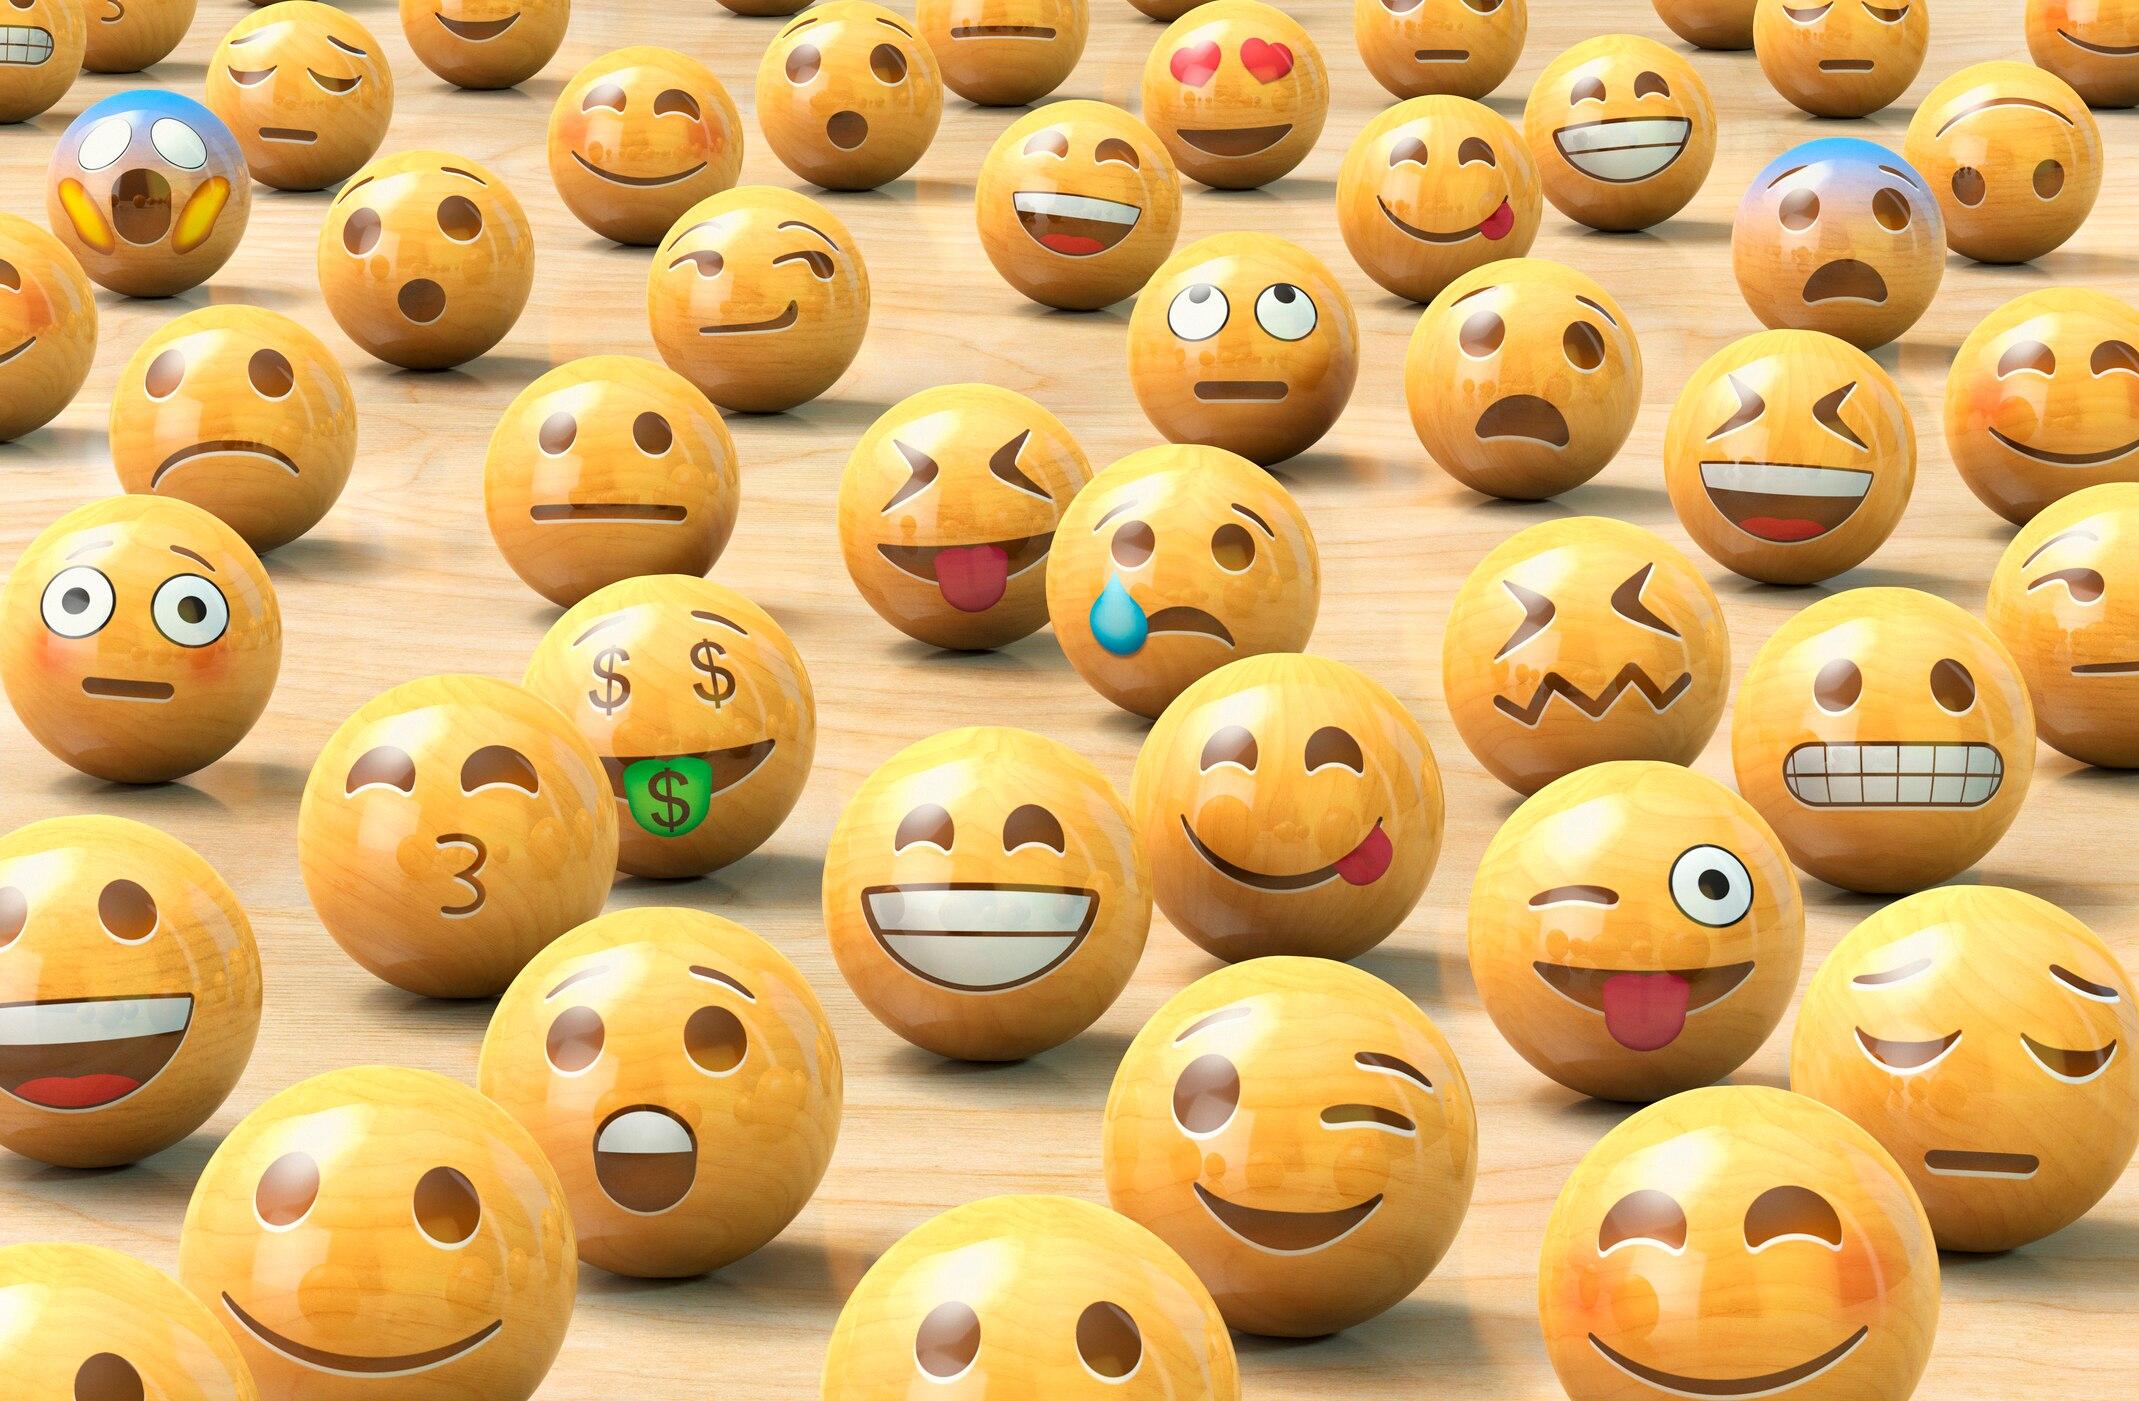 Smileys kuss mit herz bedeutung